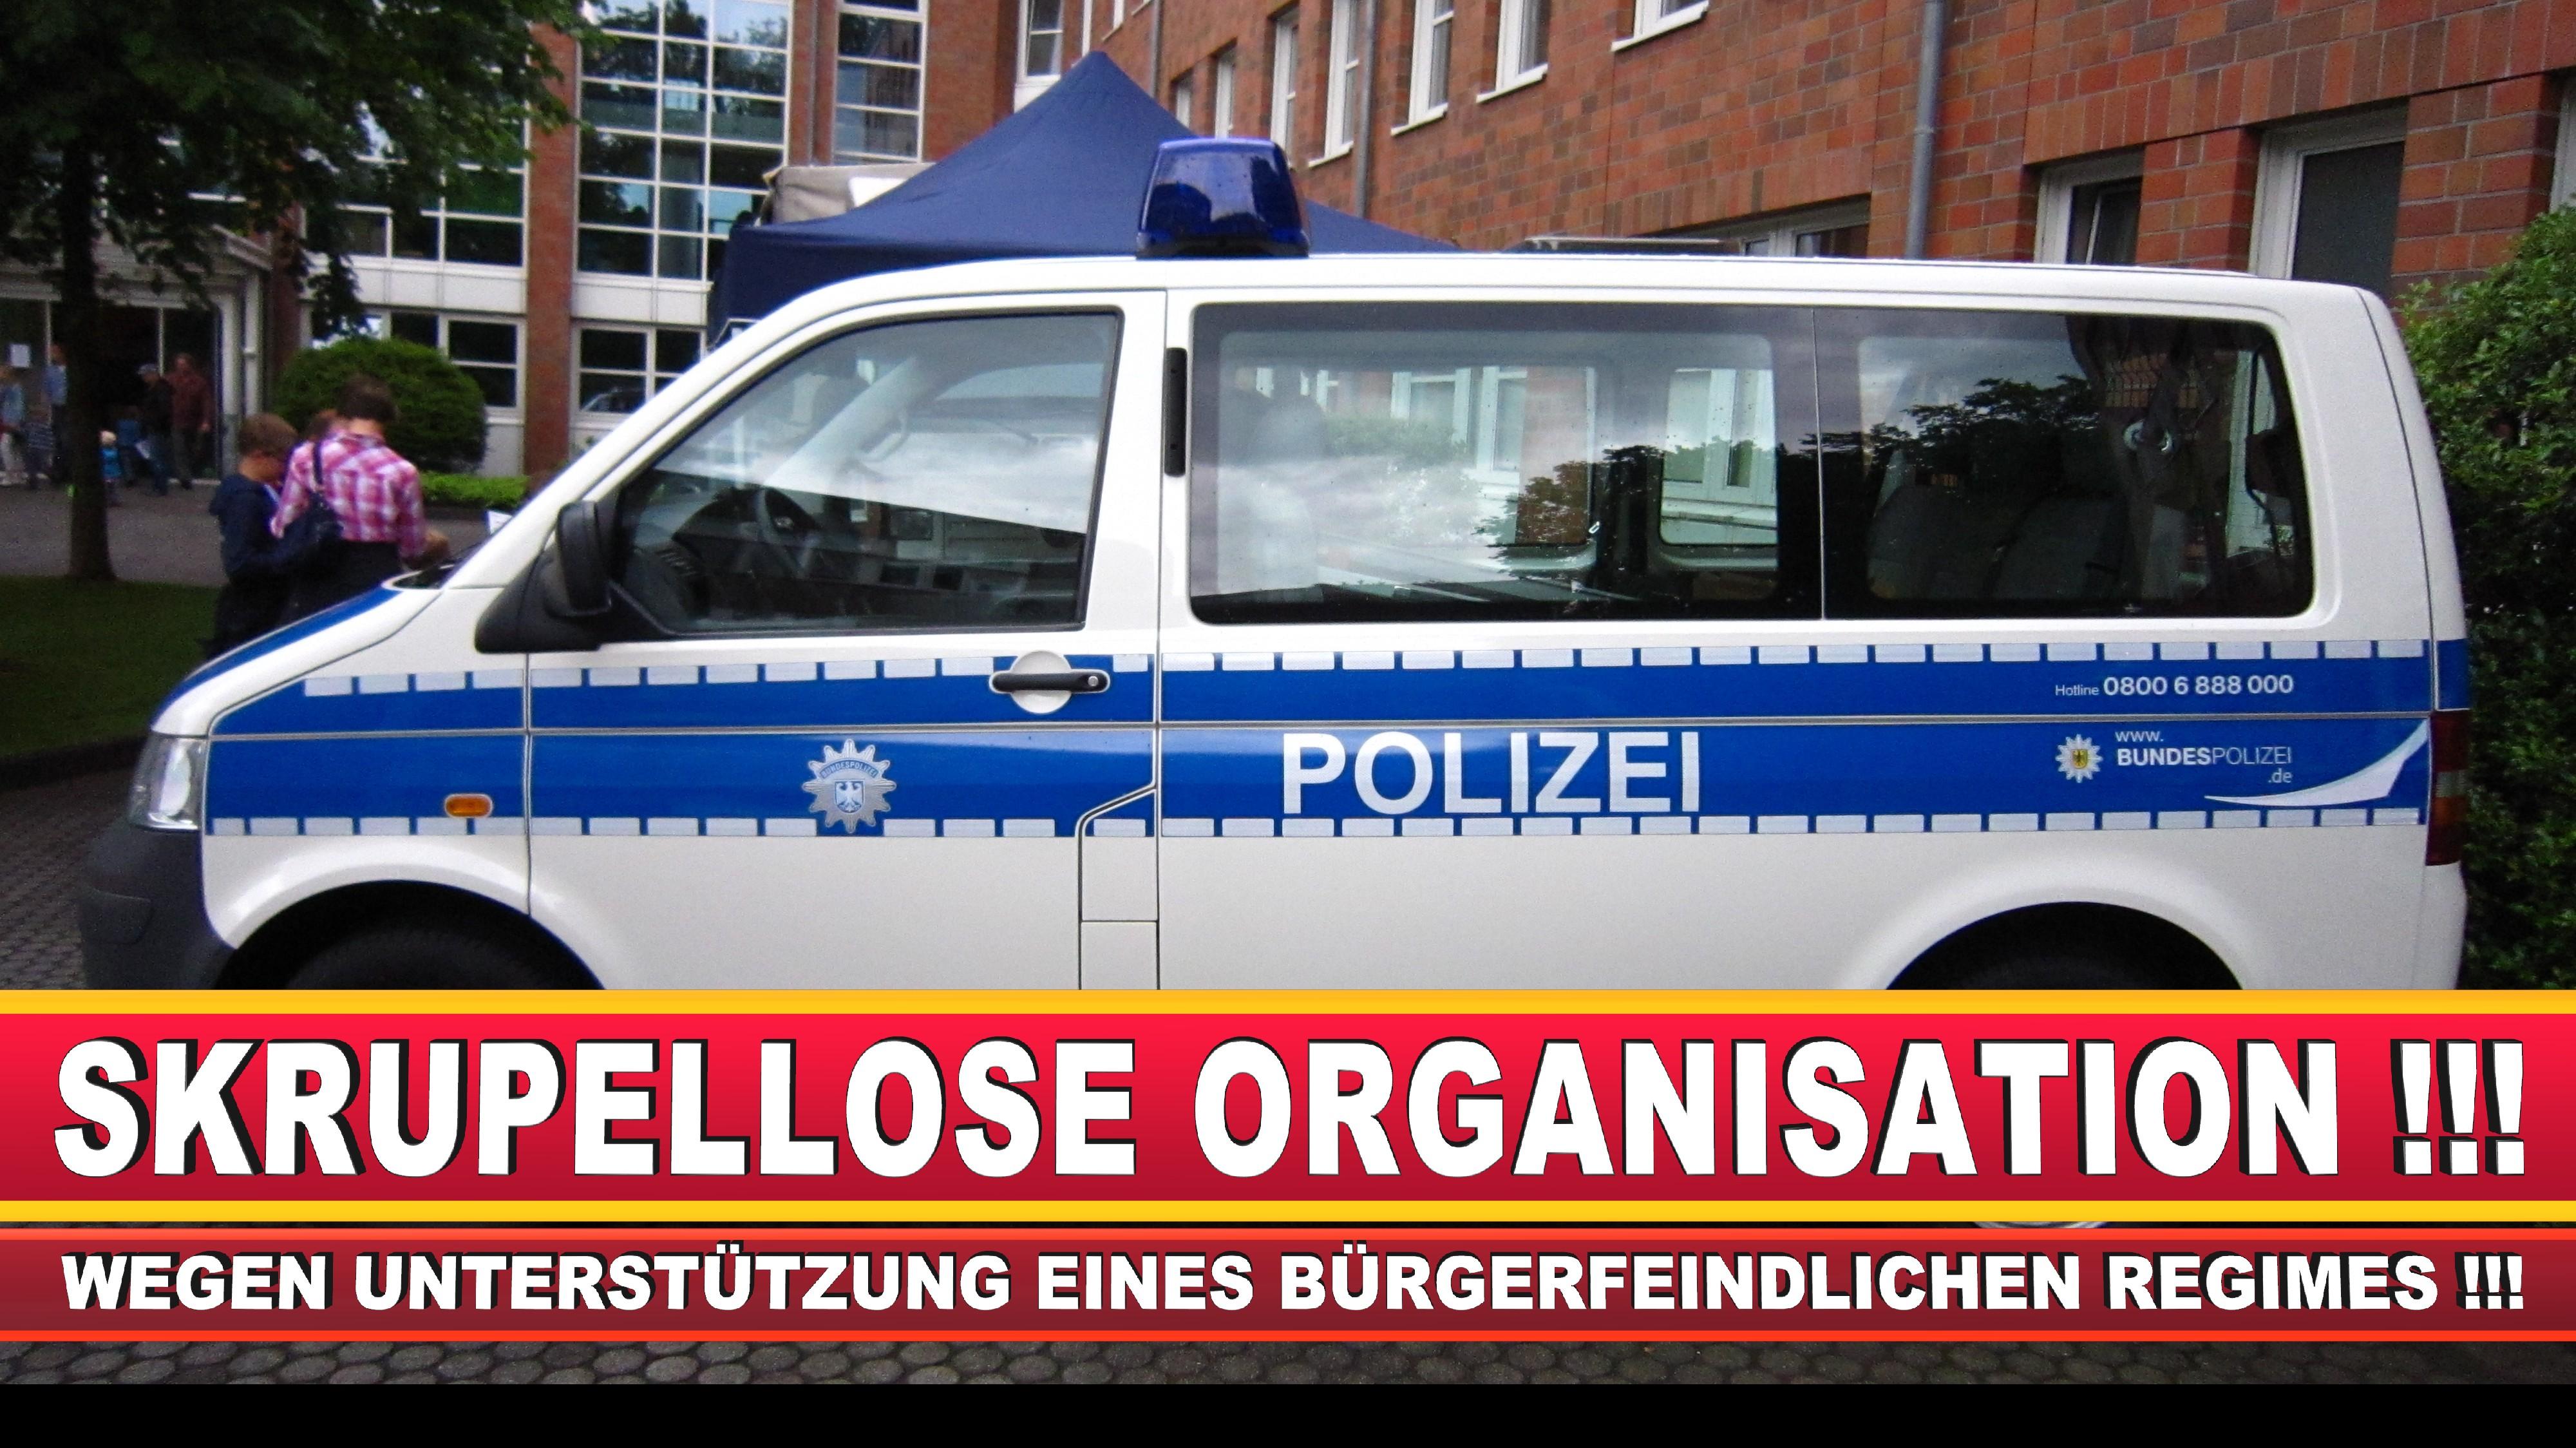 Polizeipräsidentin Katharina Giere Polizei Bielefeld NRW Erwin Südfeld Horst Kruse Polizeiuniform Polizeigewalt DEMONSTRATION Bahnhof (9)